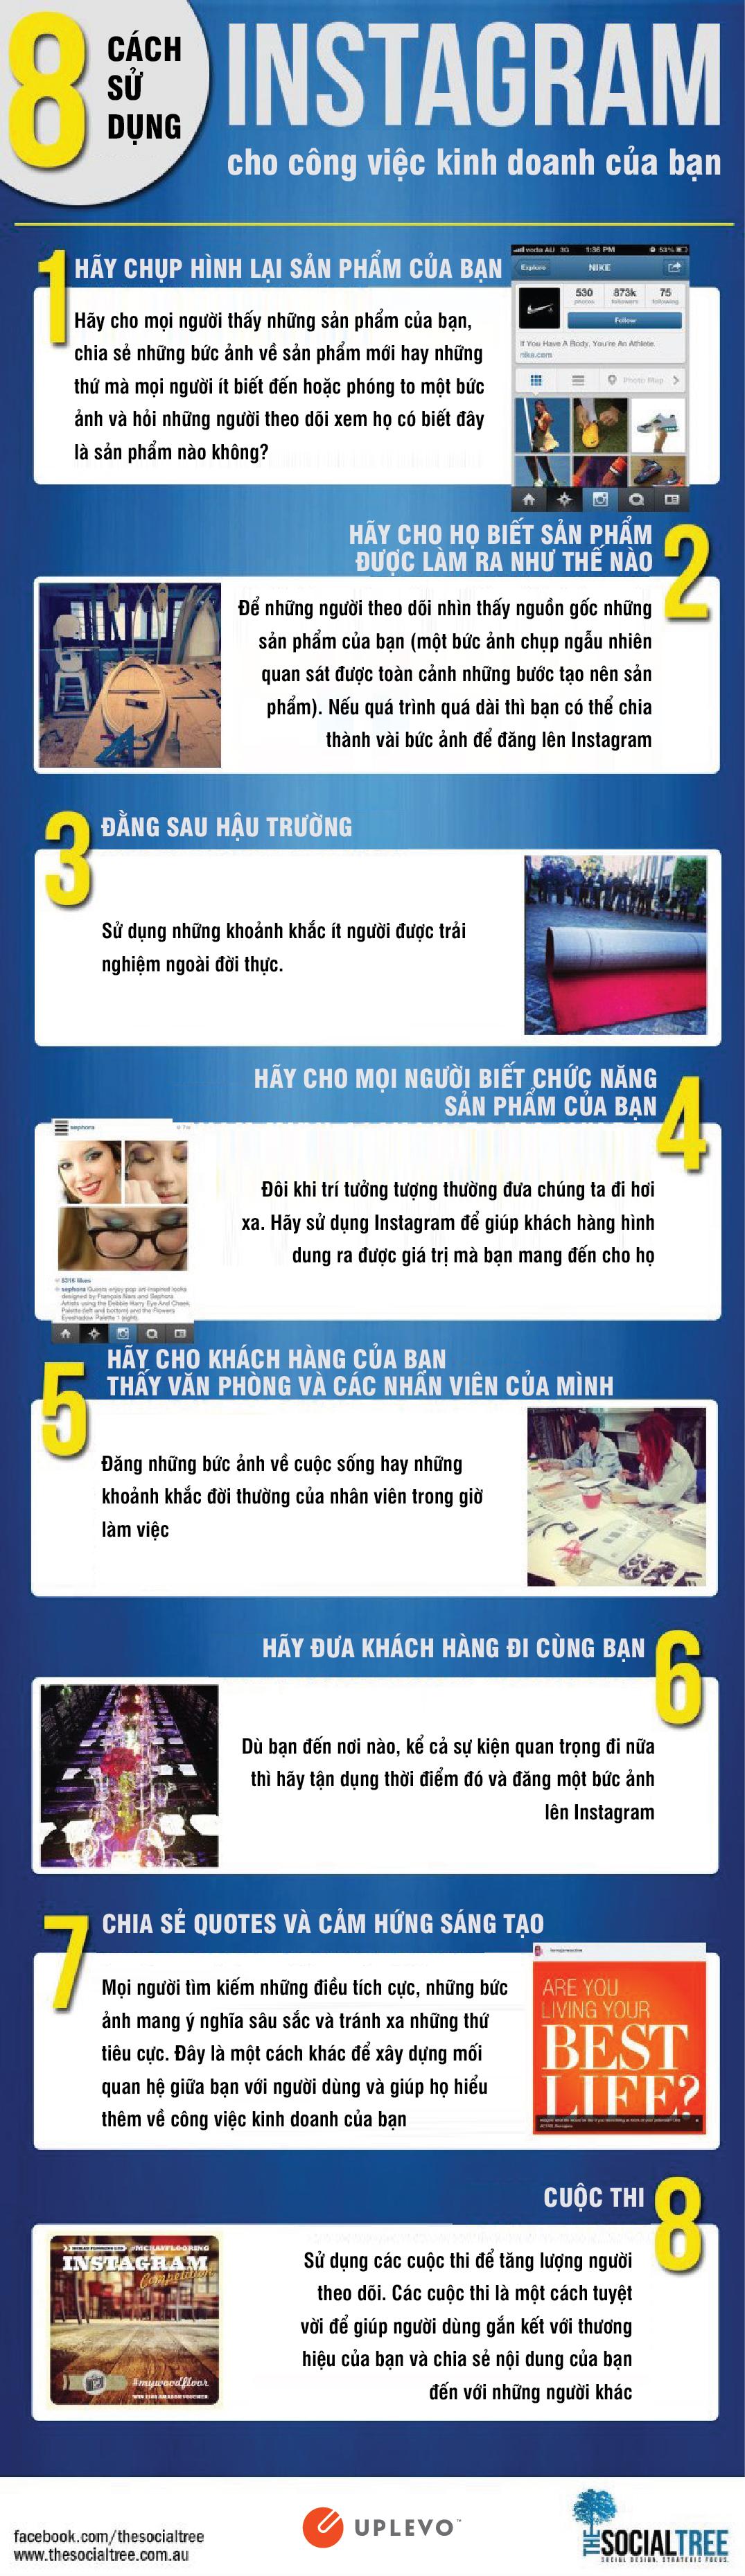 8 cách sử dụng instagram